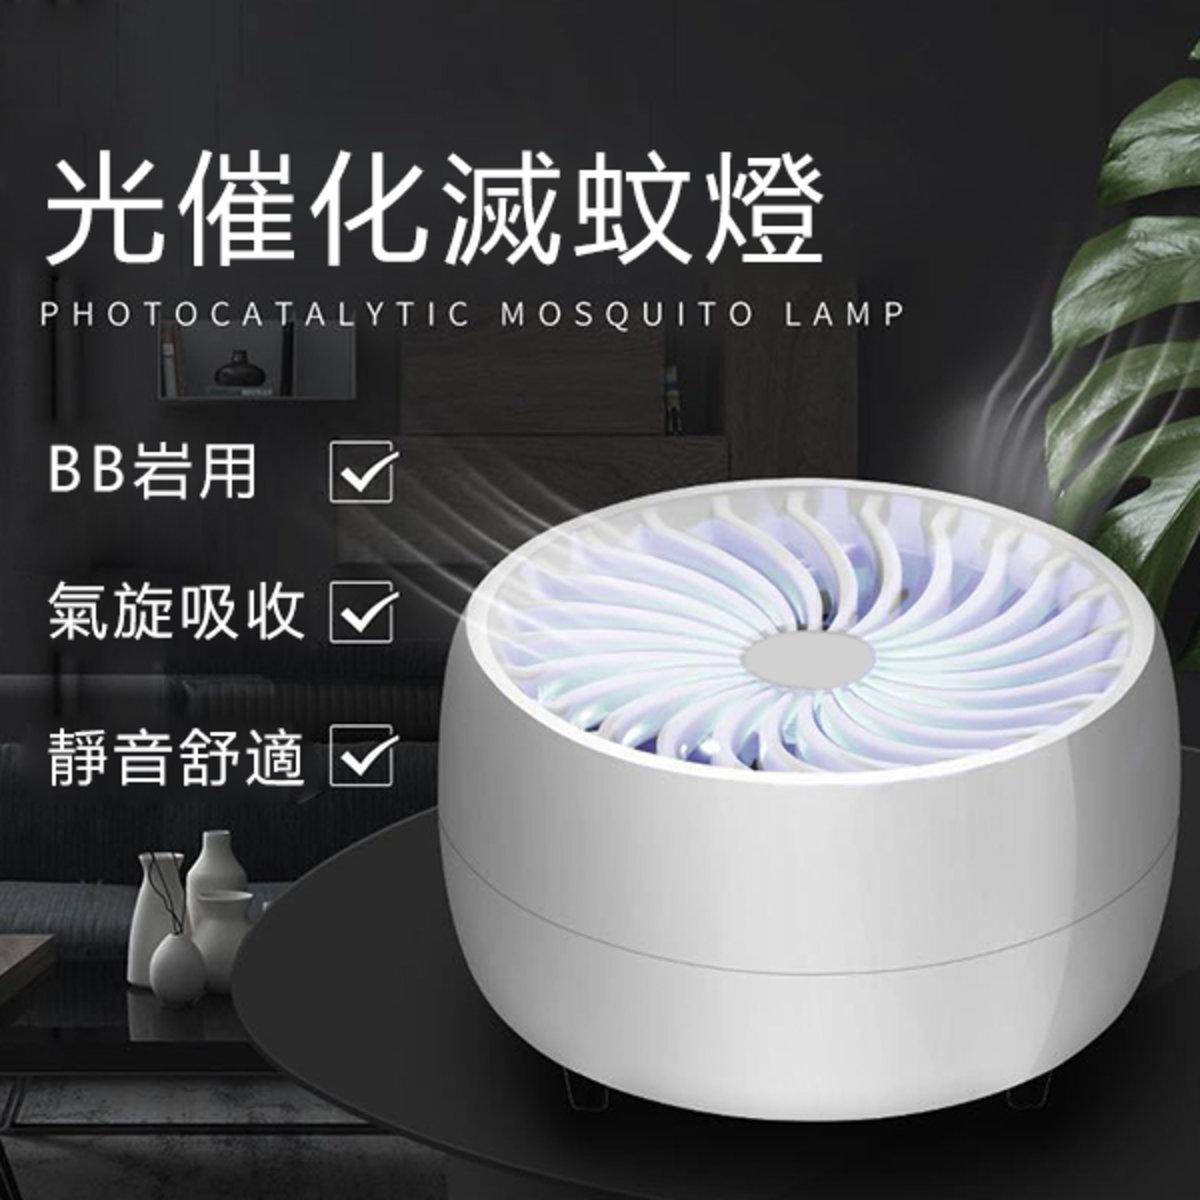 仿人體氣息吸入式滅蚊器 (白色)